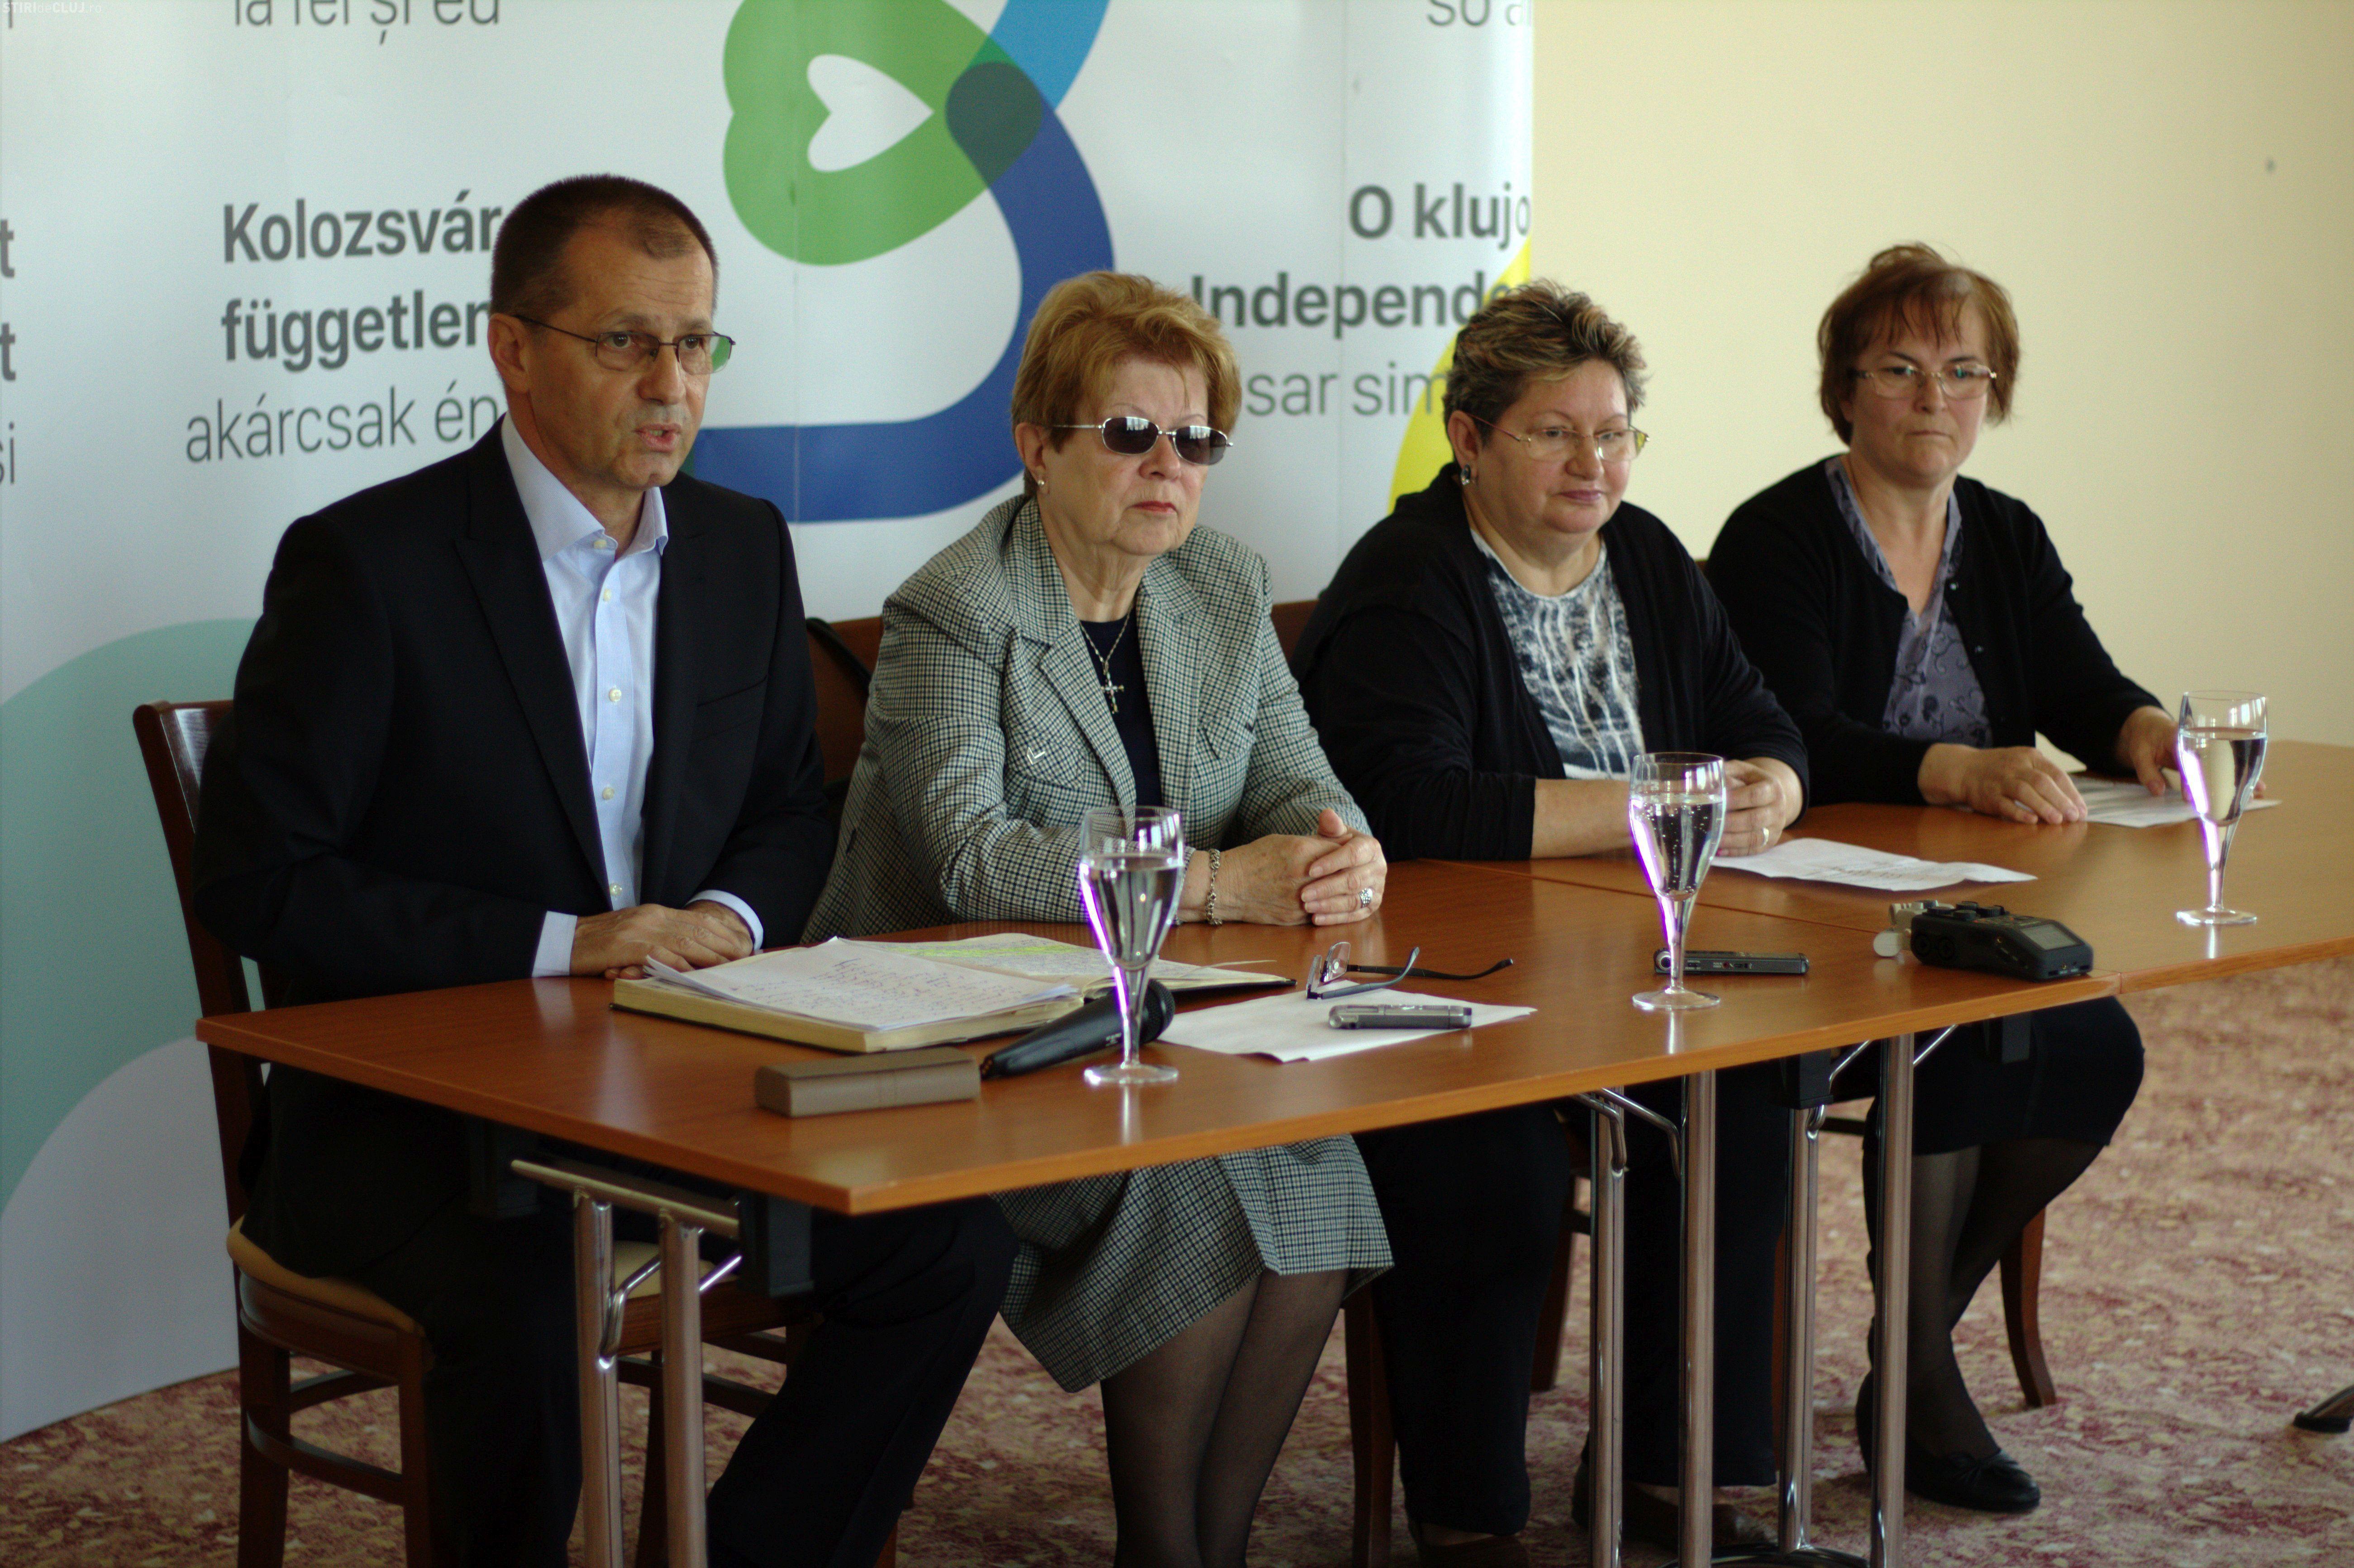 Fostele angajate de la fabrica Feleacul i-au cerut scuze public lui Octavian Buzoianu (P)